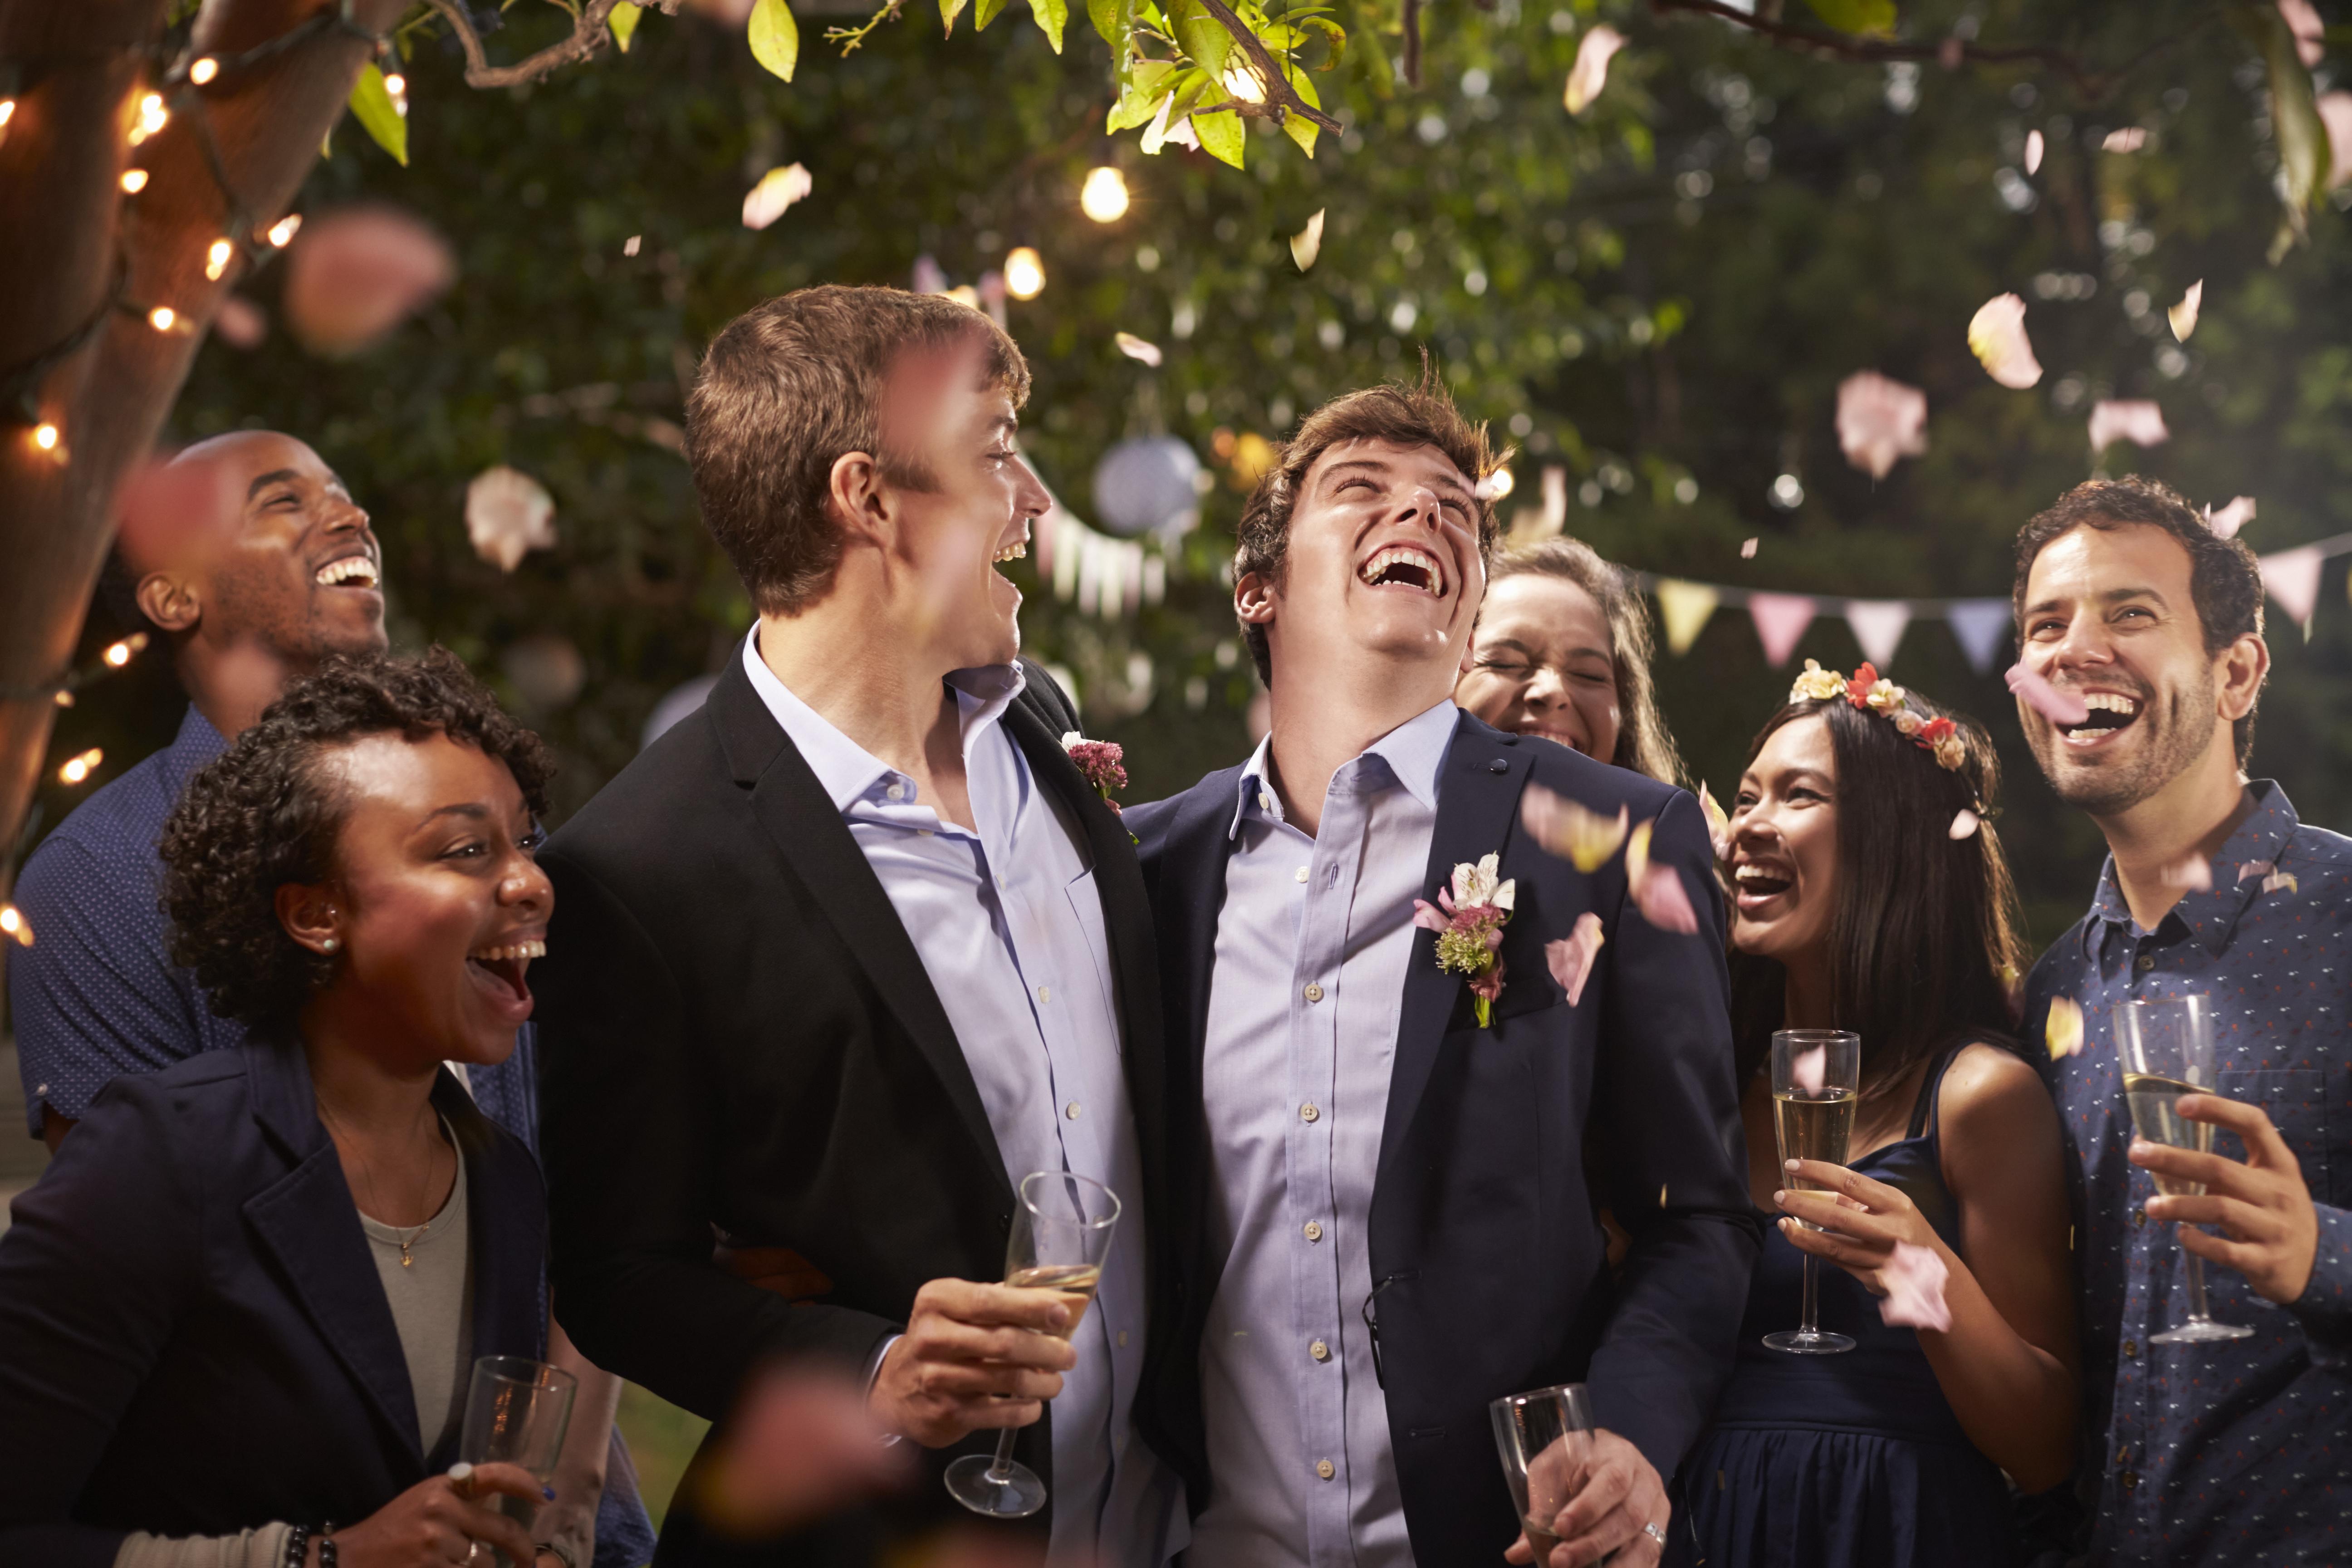 Gay Wedding Party